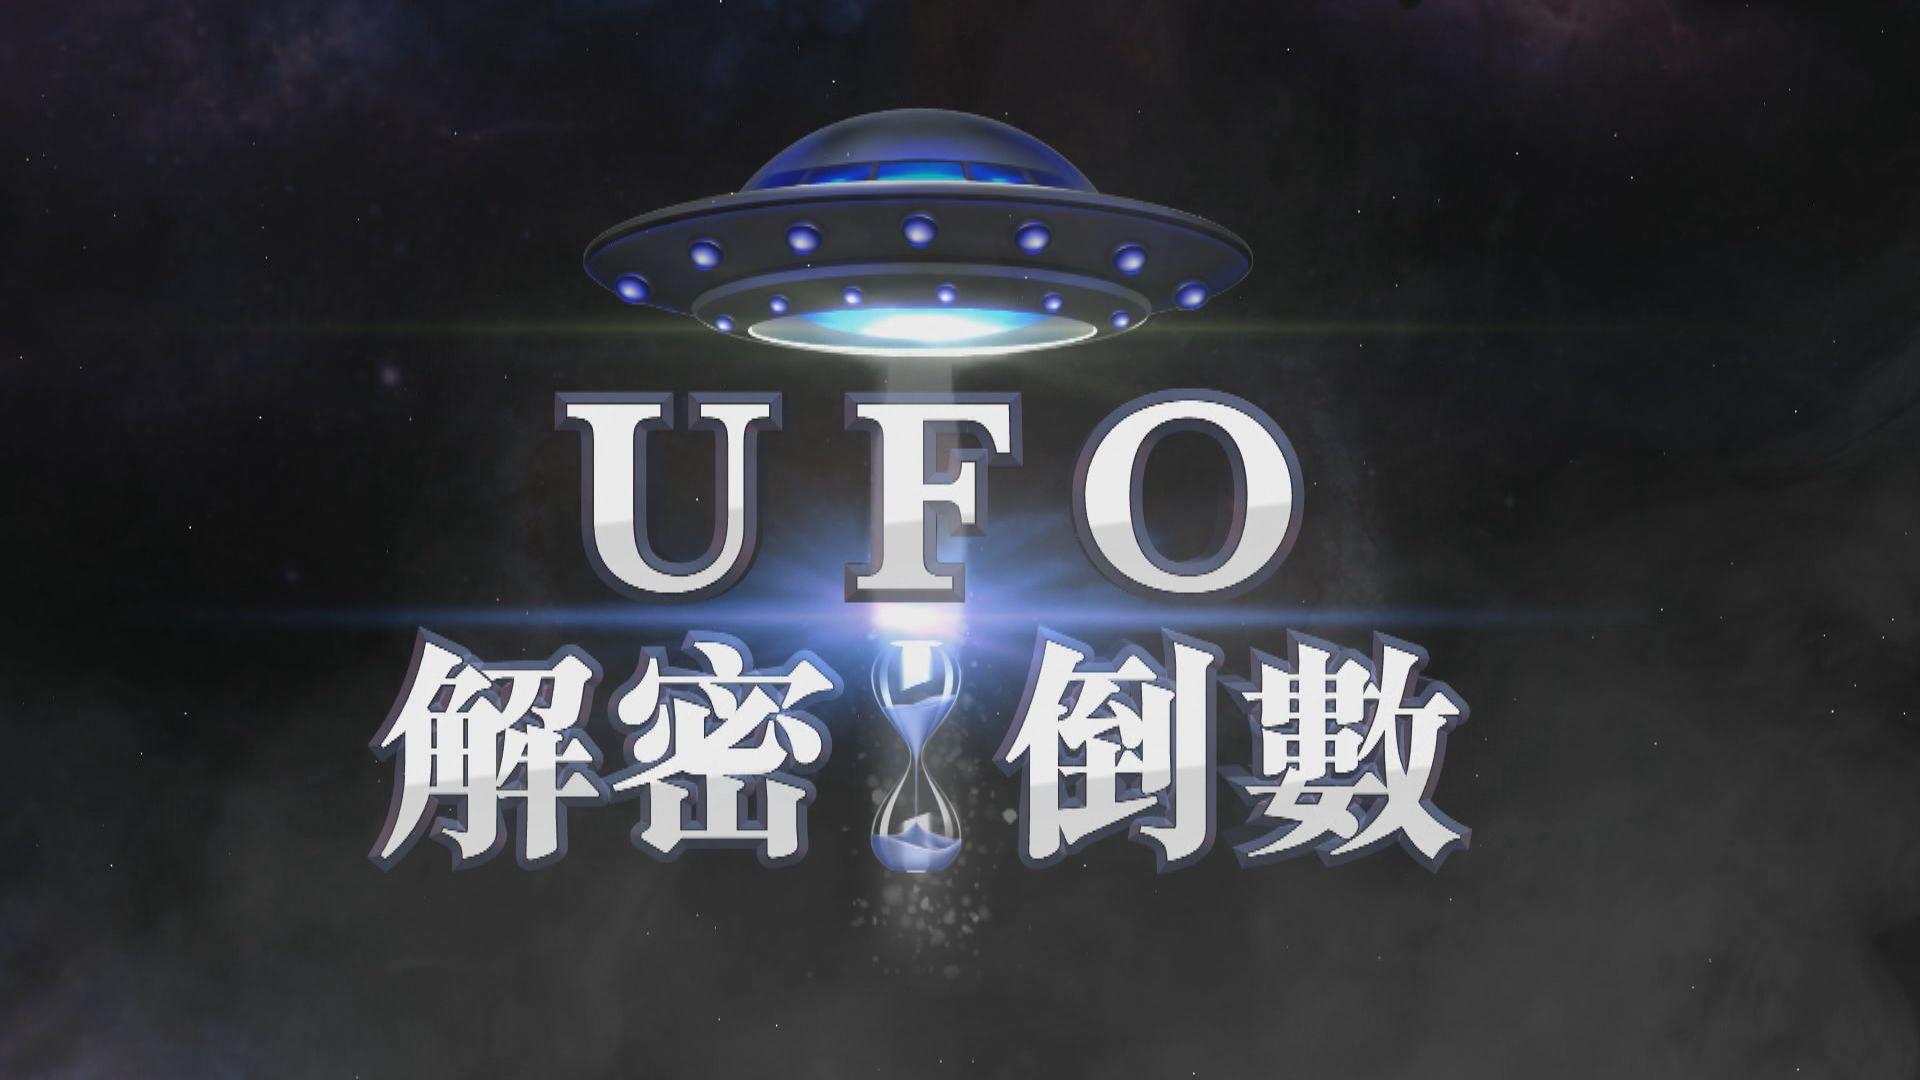 【新聞智庫】UFO解密倒數